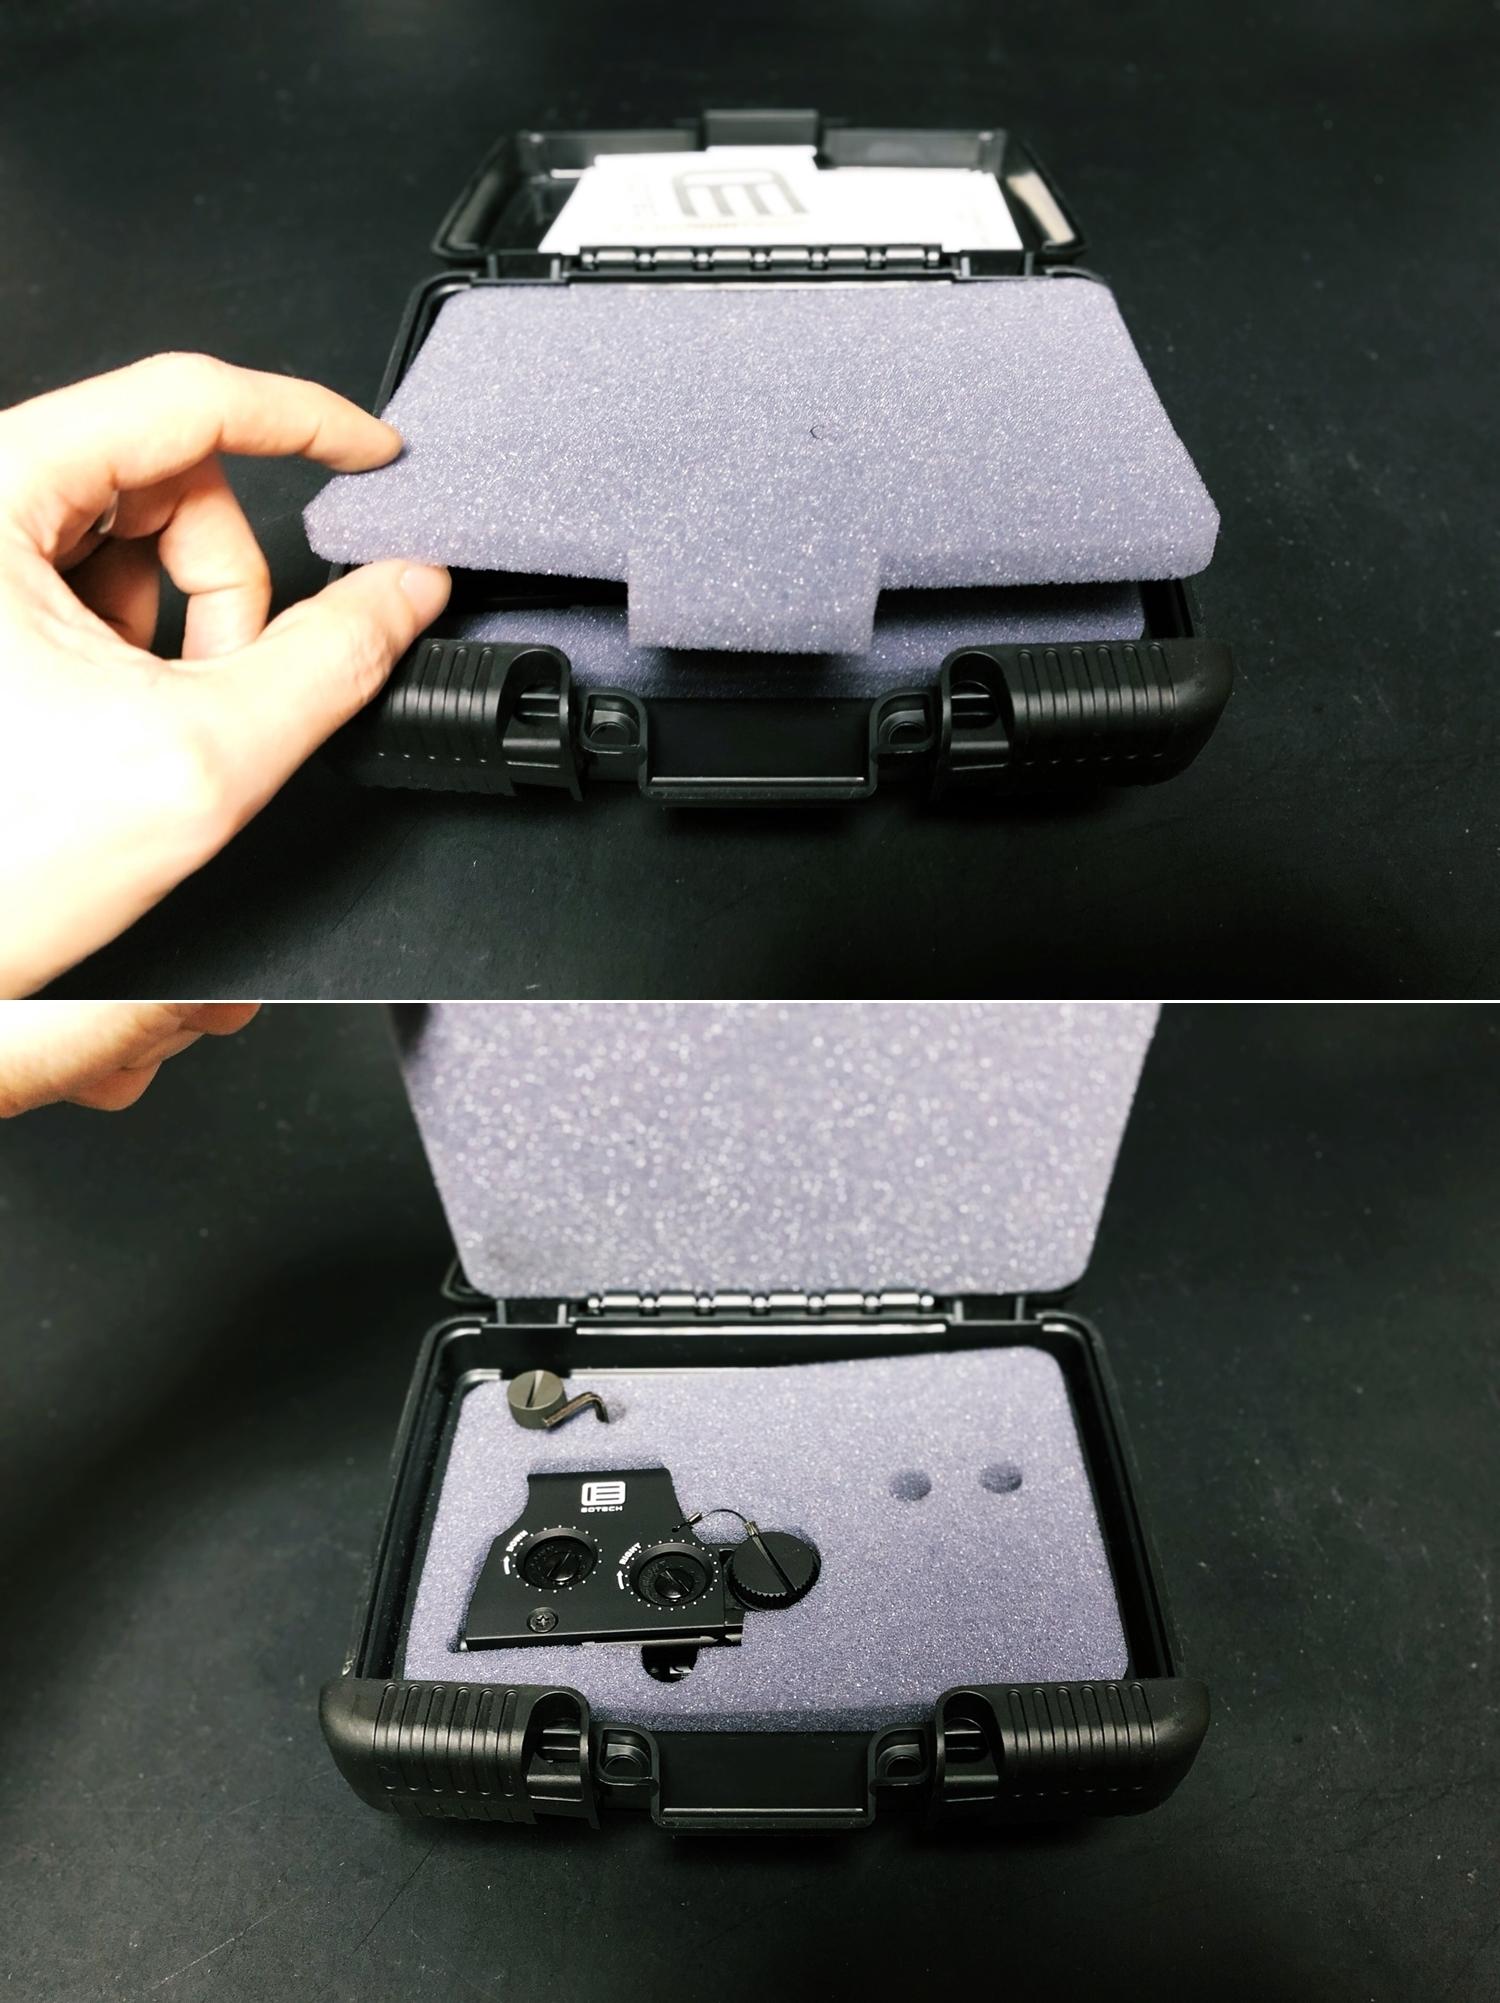 11 実物 EOTech XPS3-0 HOLOGRAPHIC SIGHT BLACK GET!! 次世代 M4 CQB-R カスタム 続編!! イオテック ホロサイト 購入 取付 レビュー!!